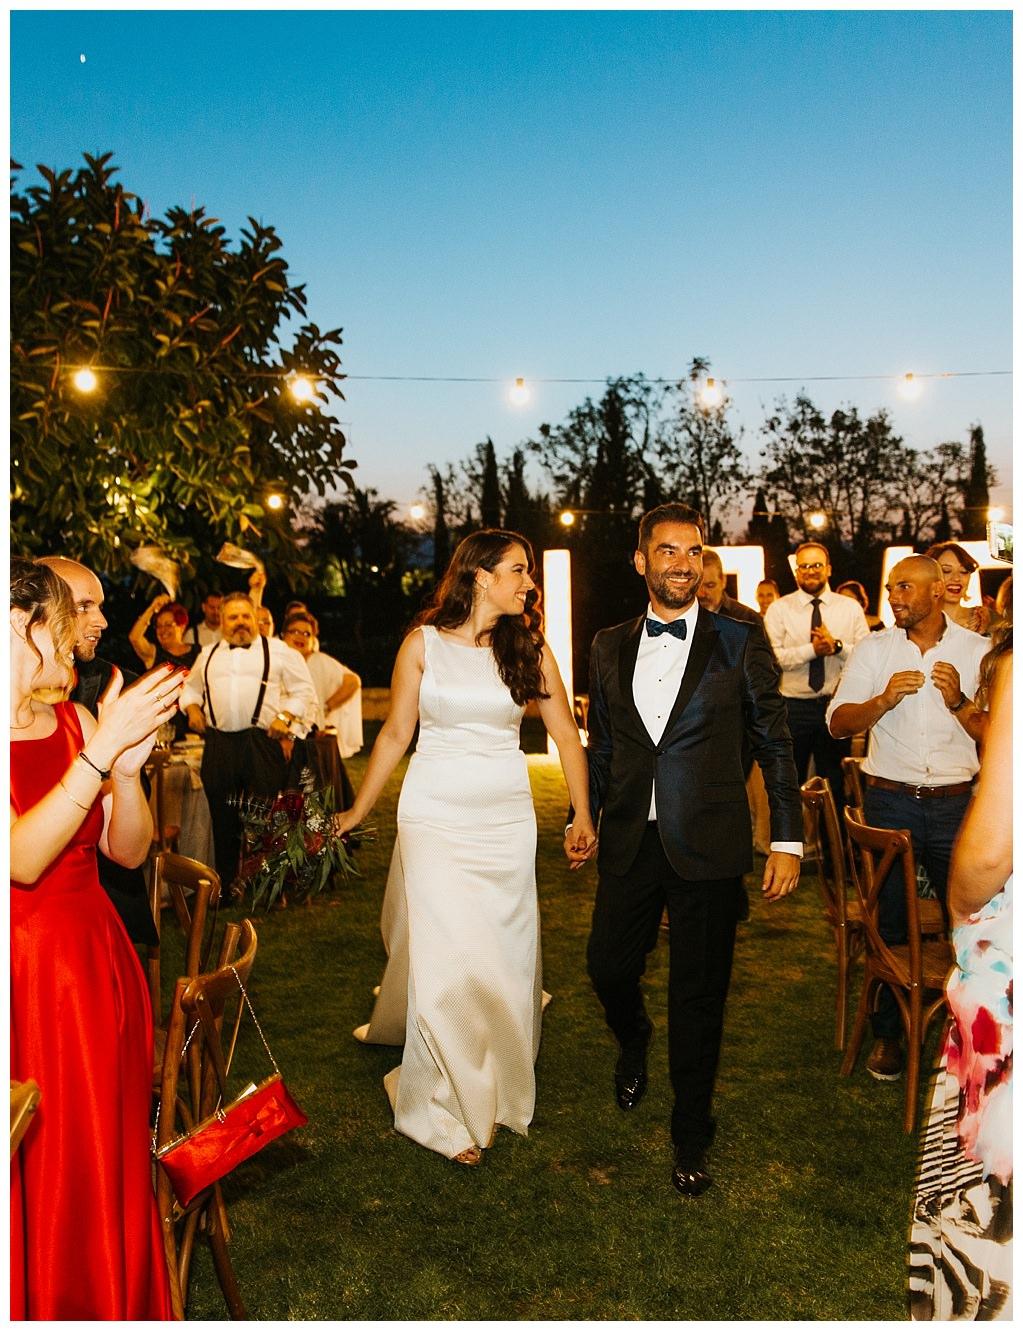 hort-kalausi-fotografos-boda-finca-elche-alicante-murcia_0096